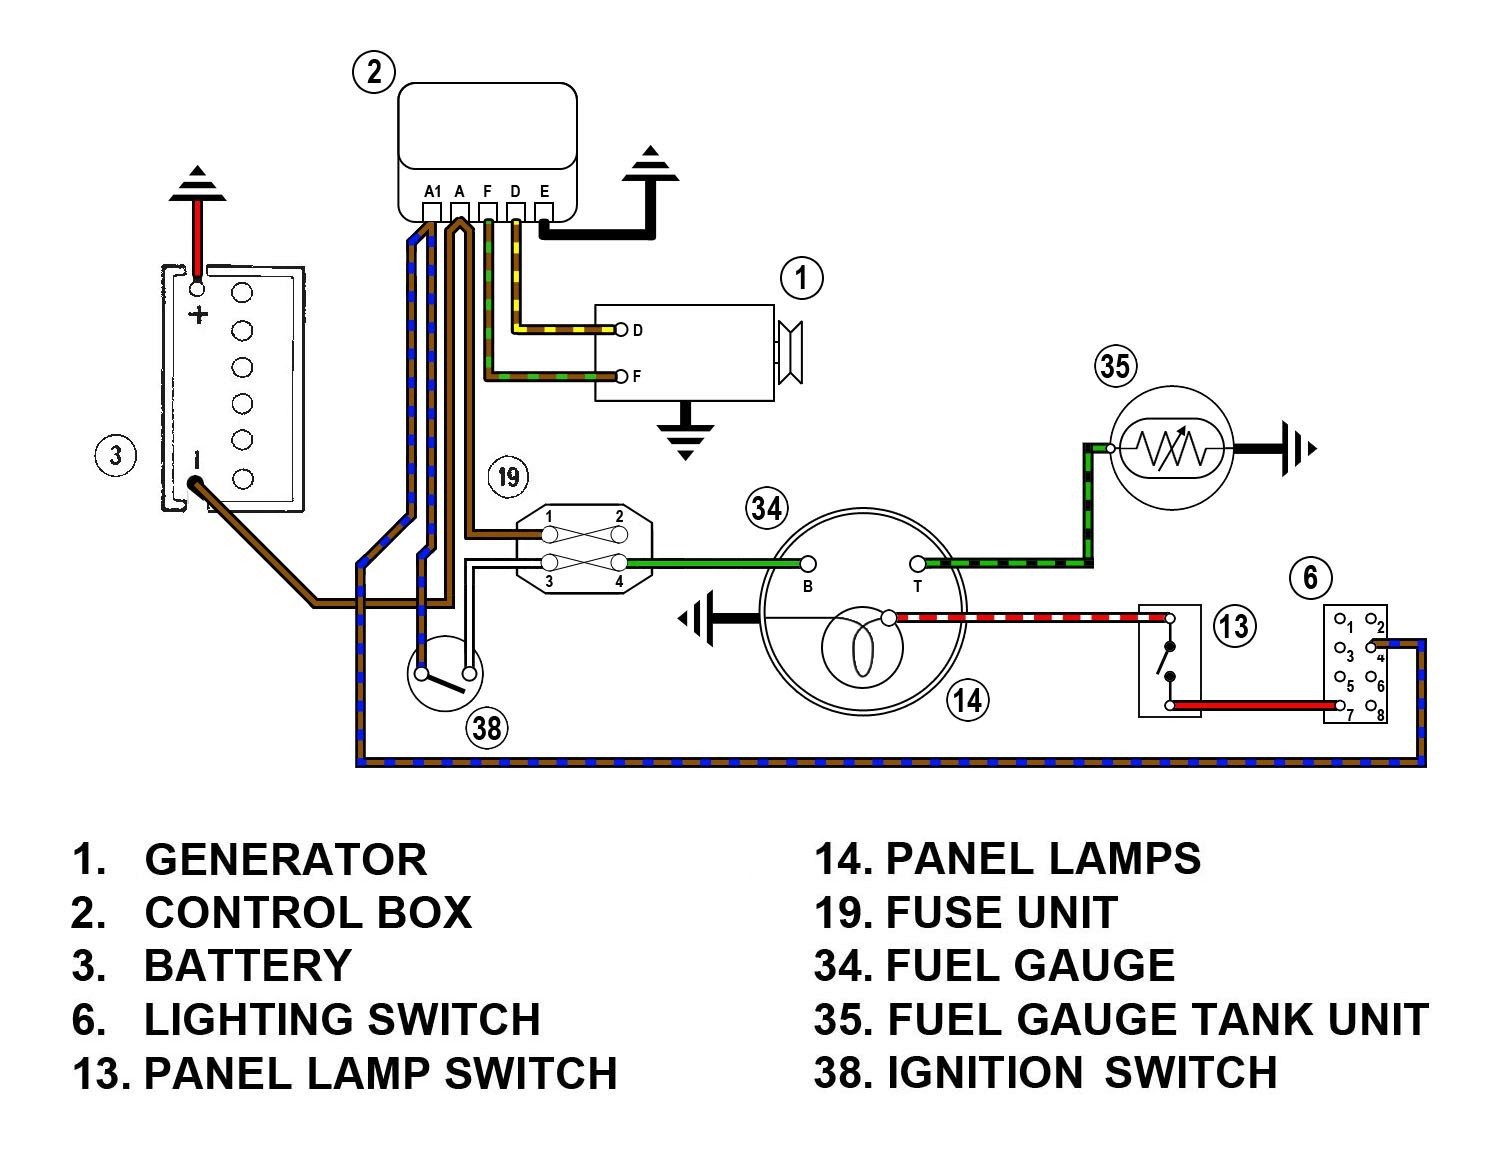 hight resolution of teleflex fuel gauge wiring diagram schematic wiring diagram sheet gas club car wiring diagram gas wiring diagram